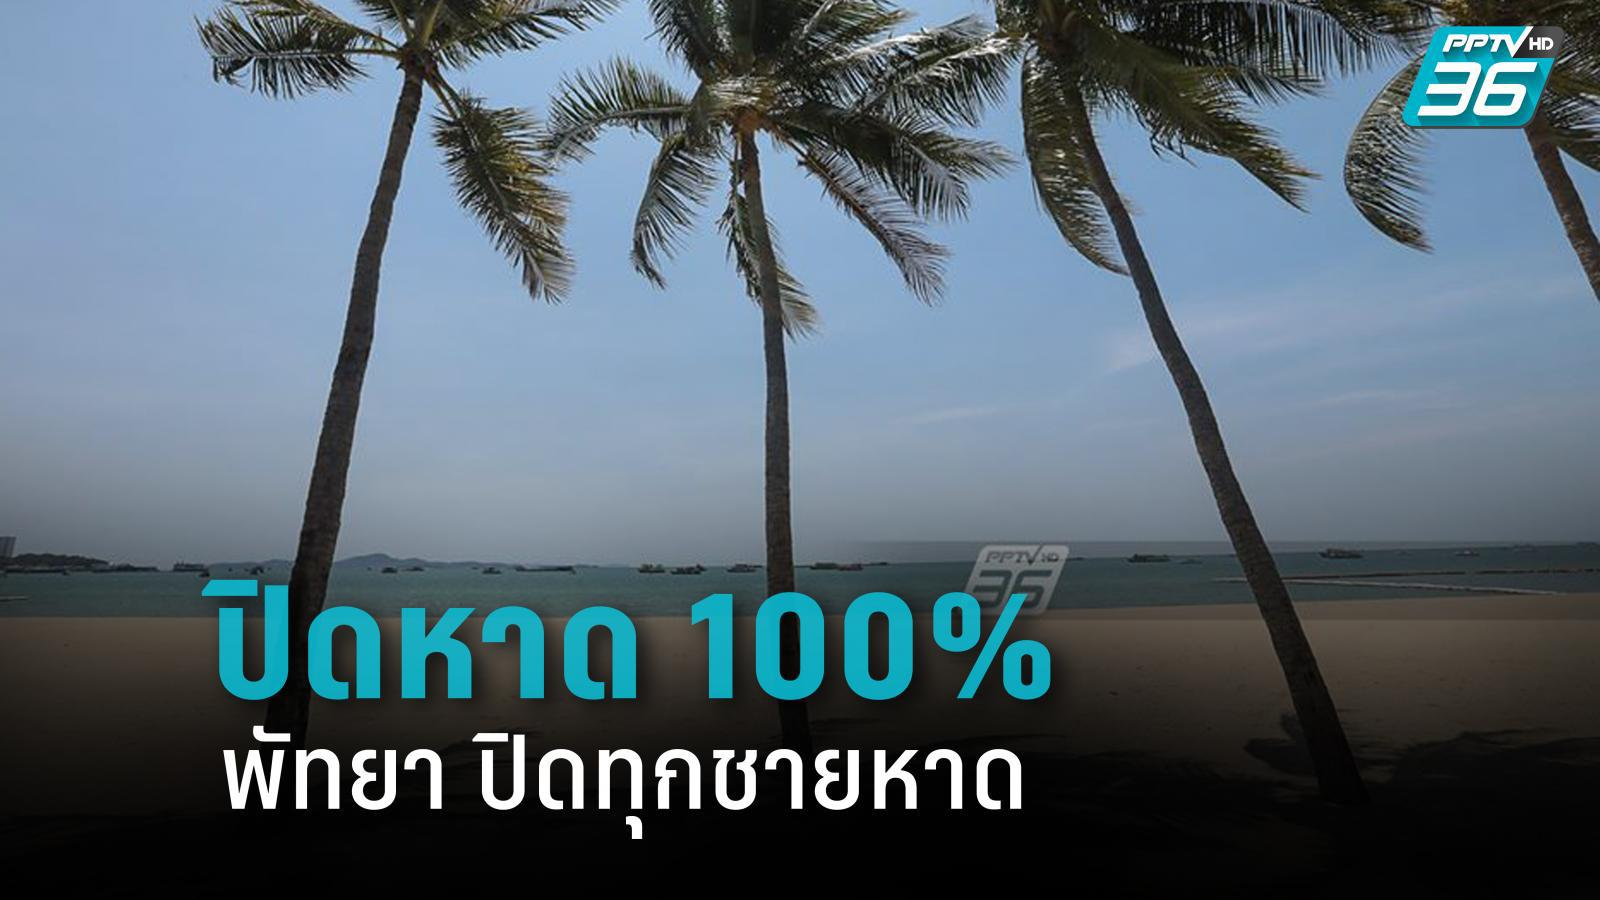 ปิดทุกชายหาด !! พัทยาปิดหาด 100 % ฝ่าฝืนมีโทษ